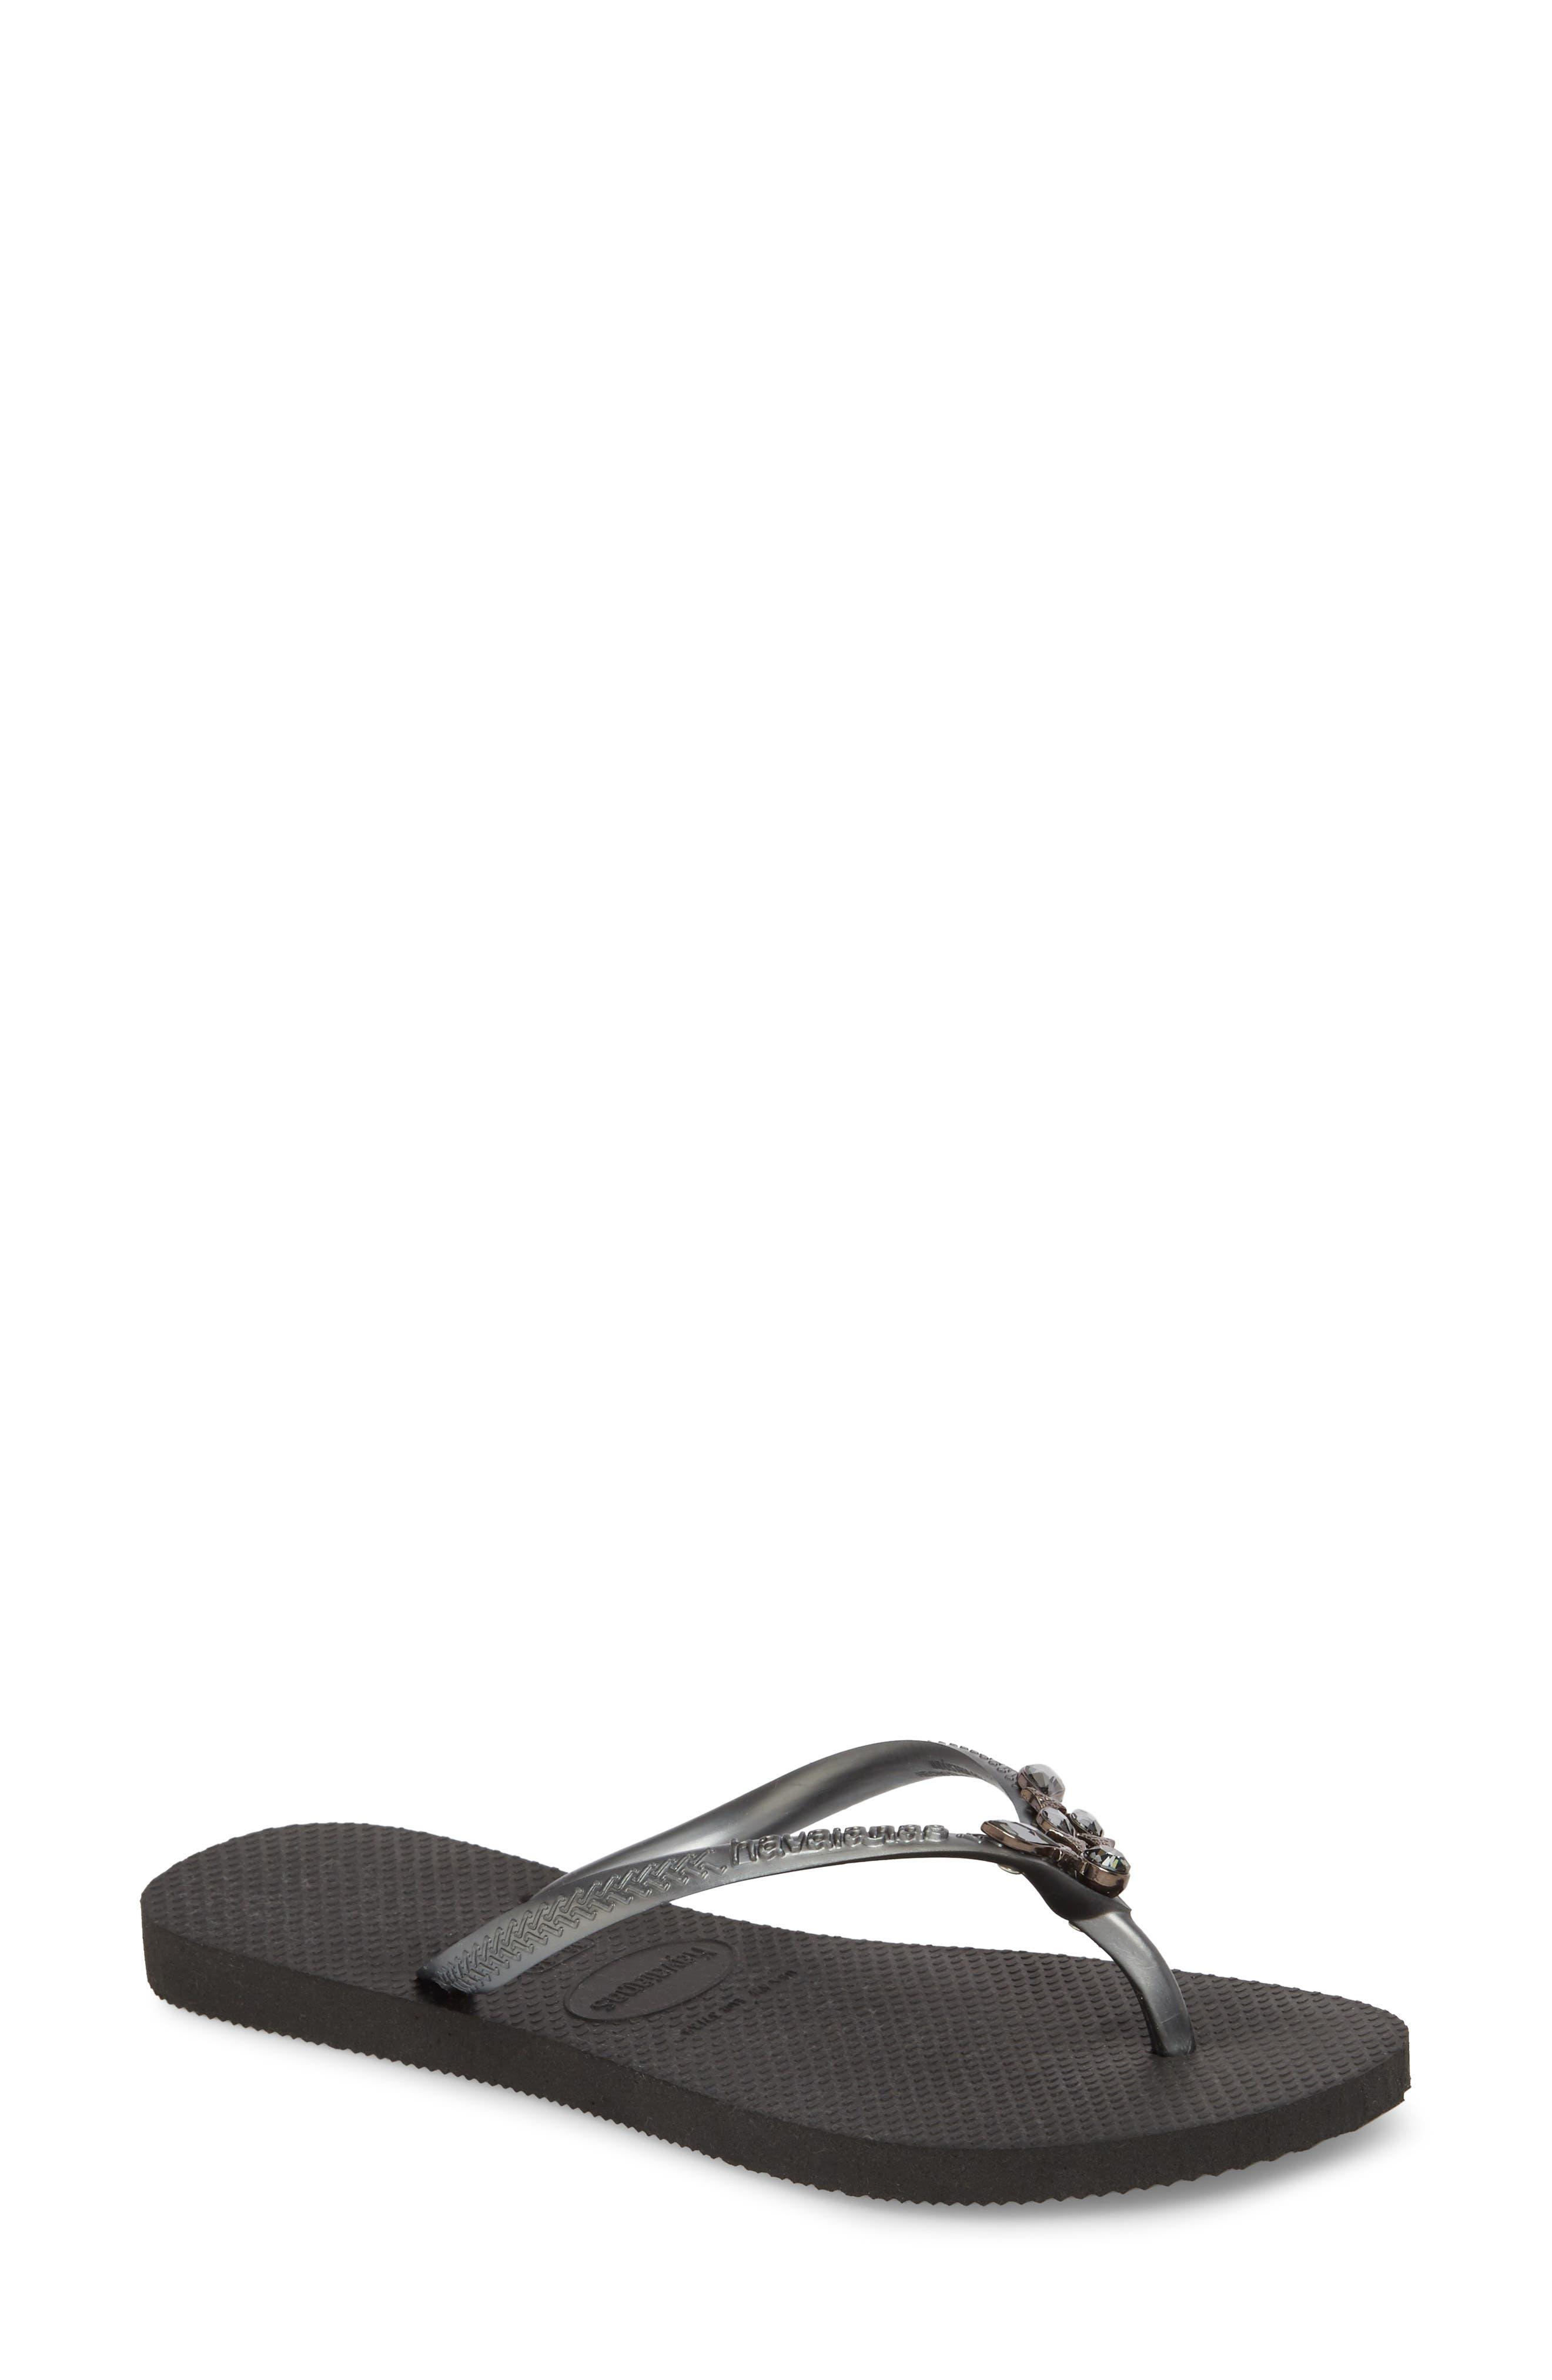 Slim Lux Flip Flop,                             Main thumbnail 1, color,                             Black/ Black